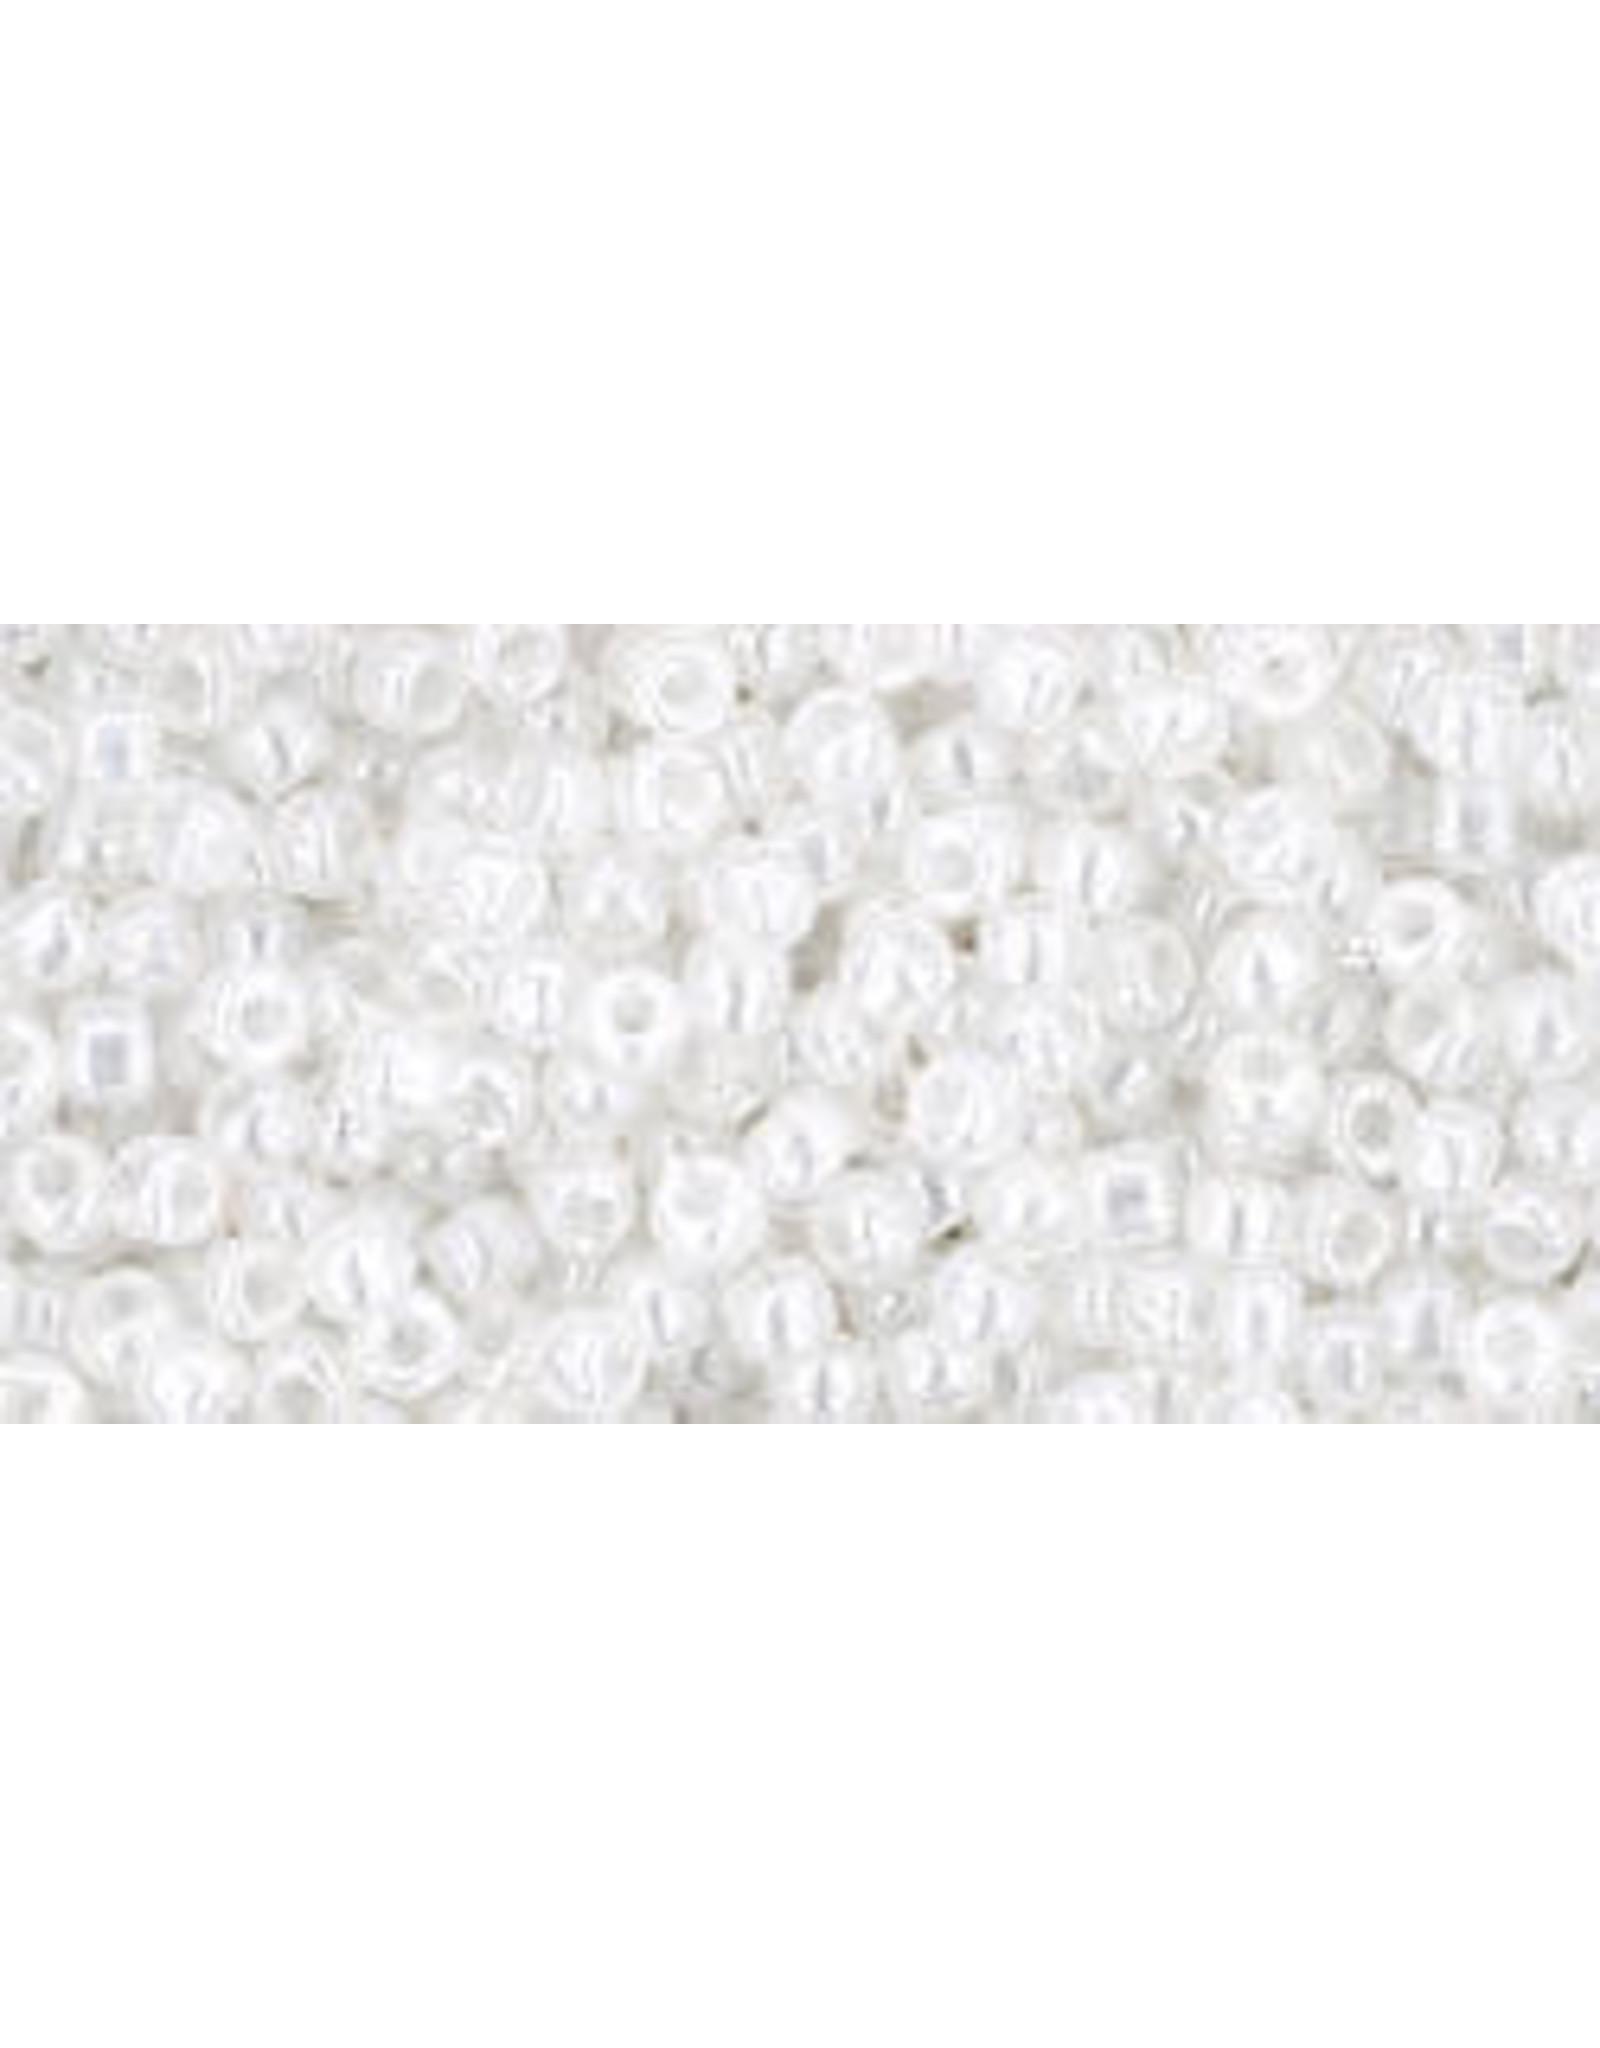 Toho 141B 11  Round 40g Ceylon Snowflake White